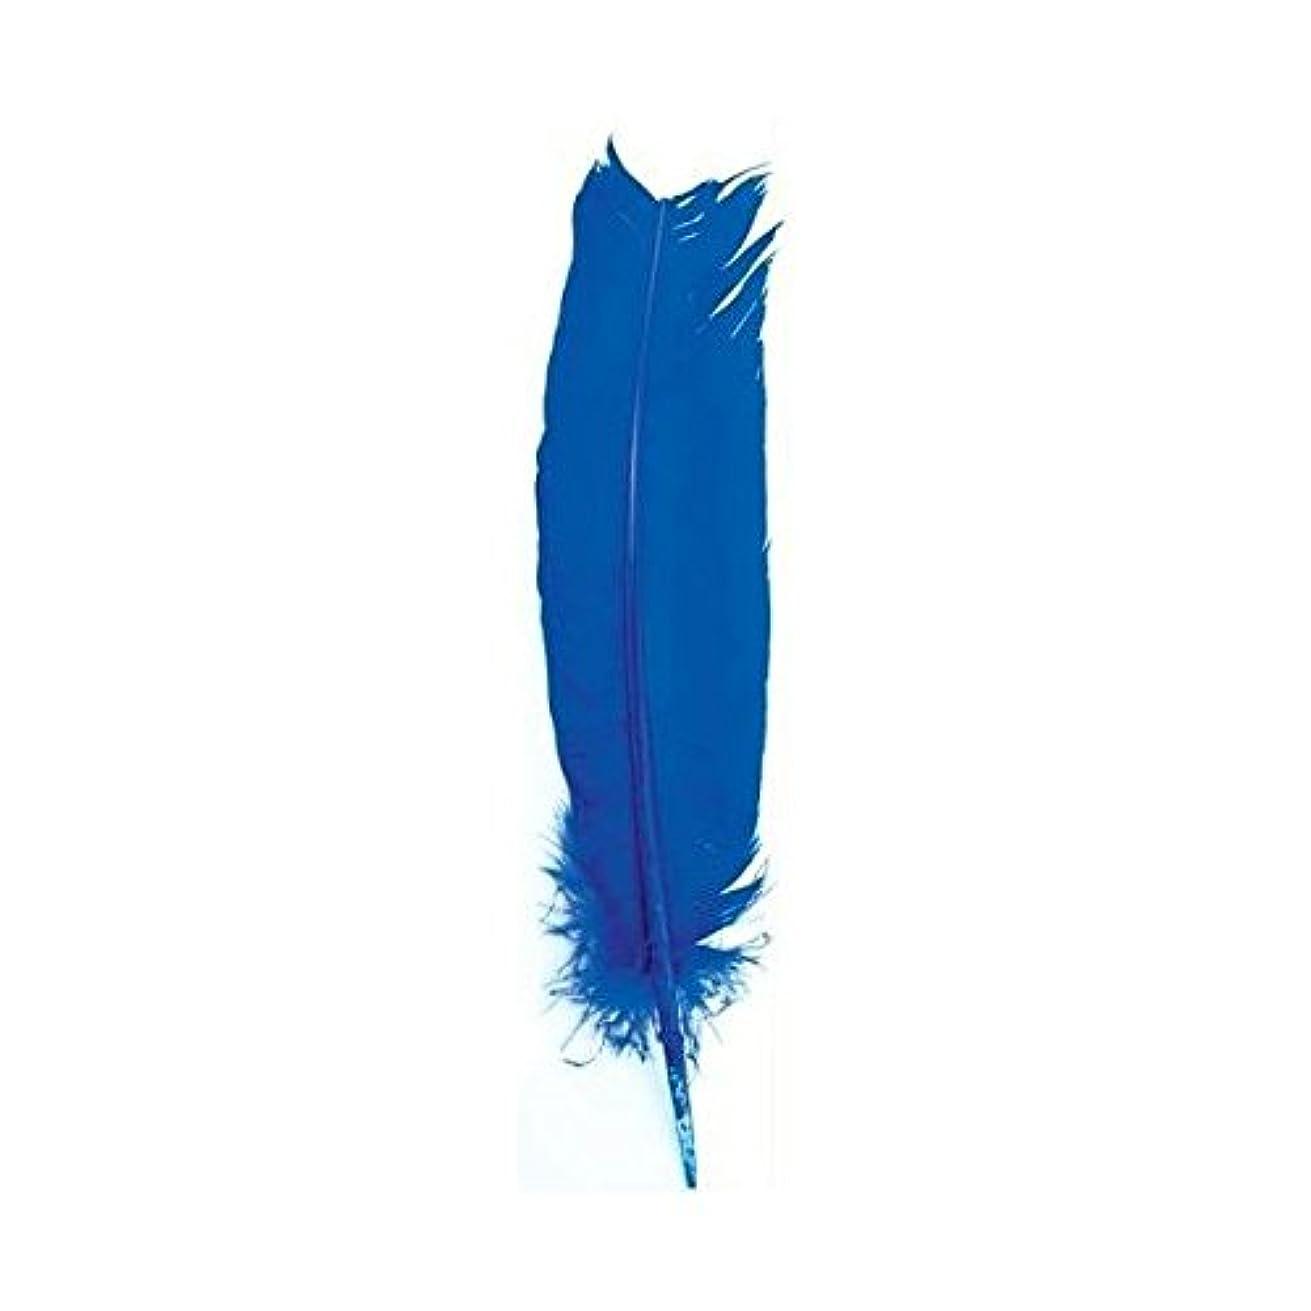 スーダンサーキットに行く弾丸動物フェザーで明るいブルーIncense Smudge Stick Writingツール